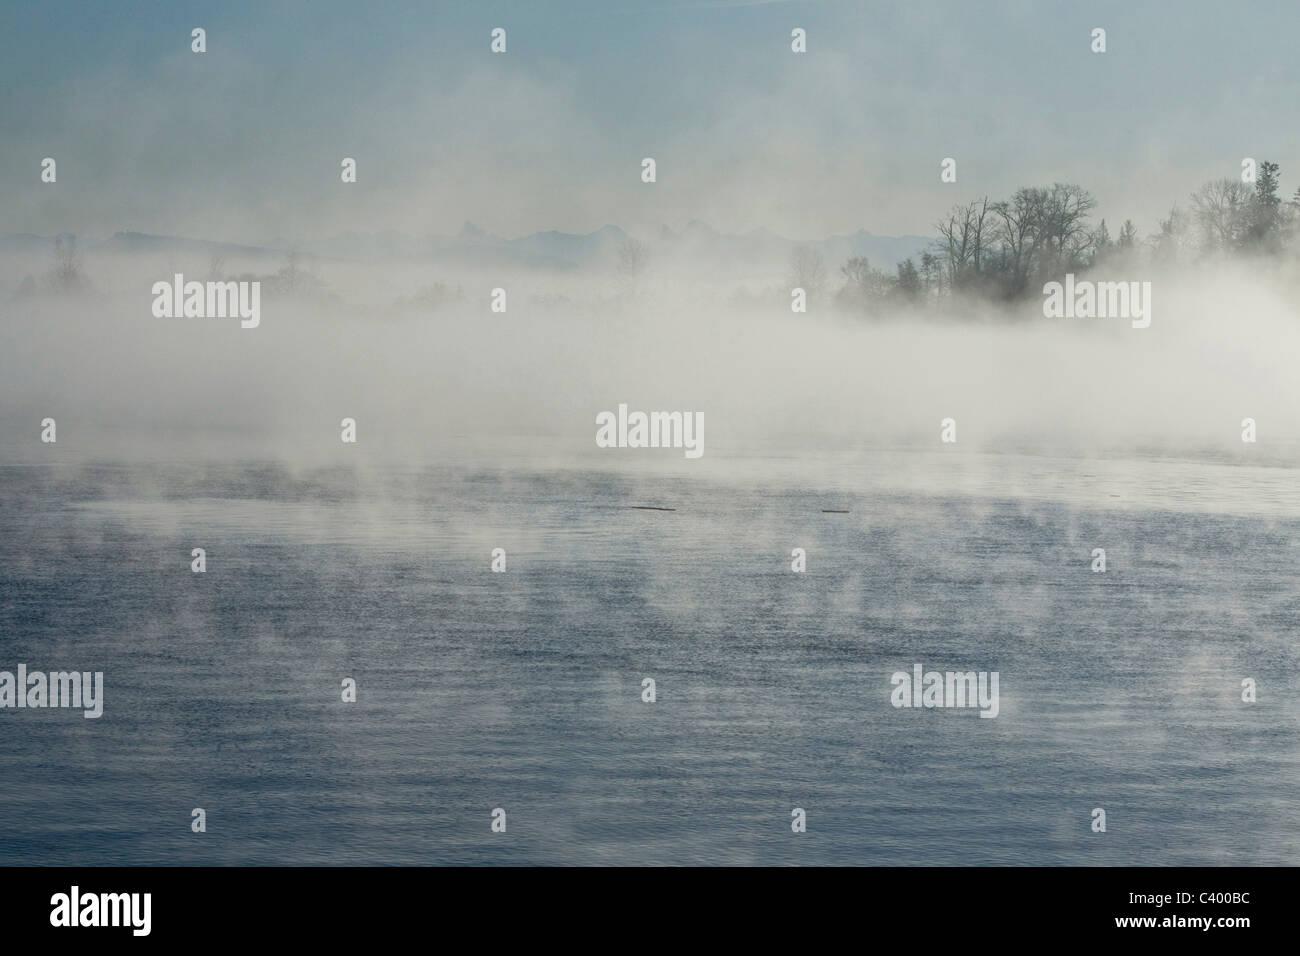 Un endroit au début de l'hiver brouillard sur le fleuve Fraser. Port Coquitlam, BC, Canada. Banque D'Images